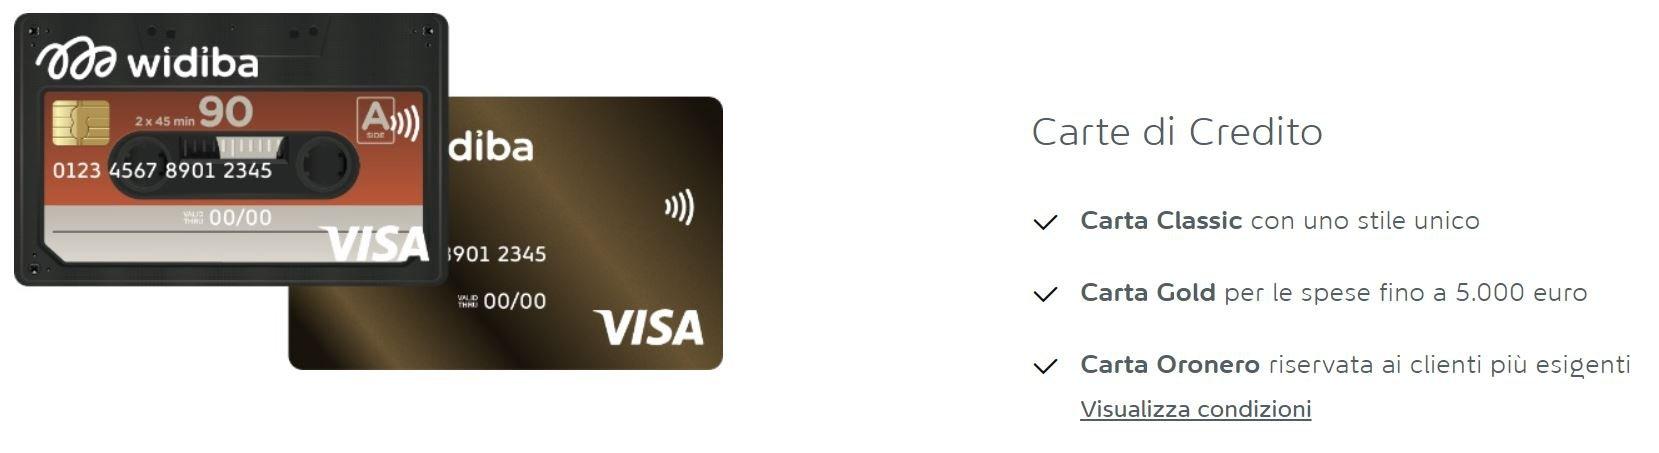 carta di credito visa richiesta online